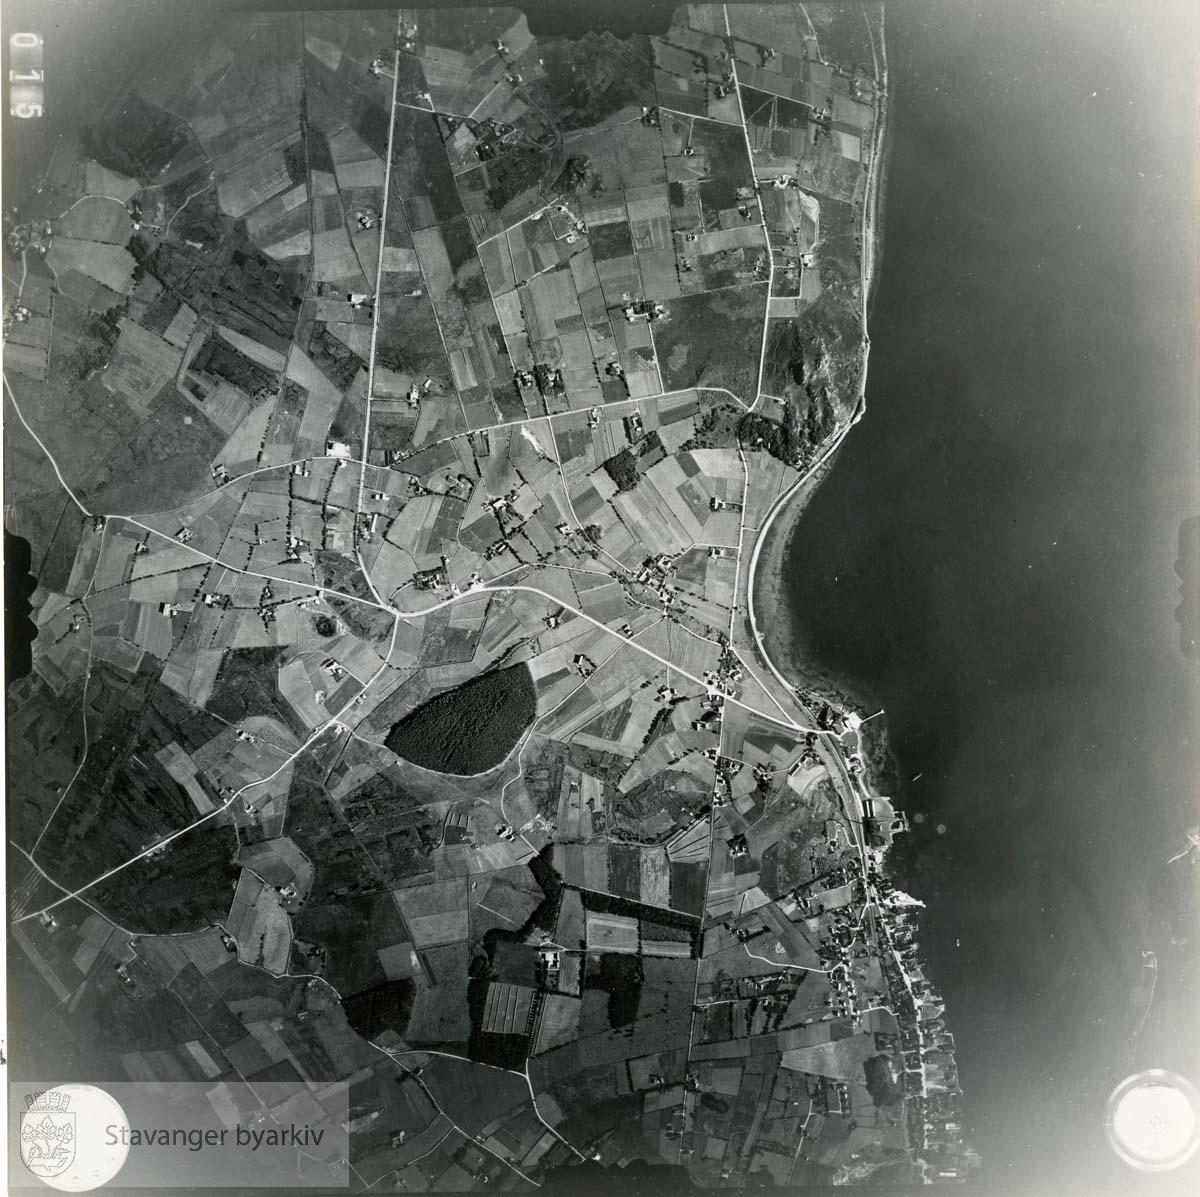 Jfr. kart/fotoplan F15/72..Lura..Se ByStW_Uca_002 (kan lastes ned under fanen for kart på Stavangerbilder)